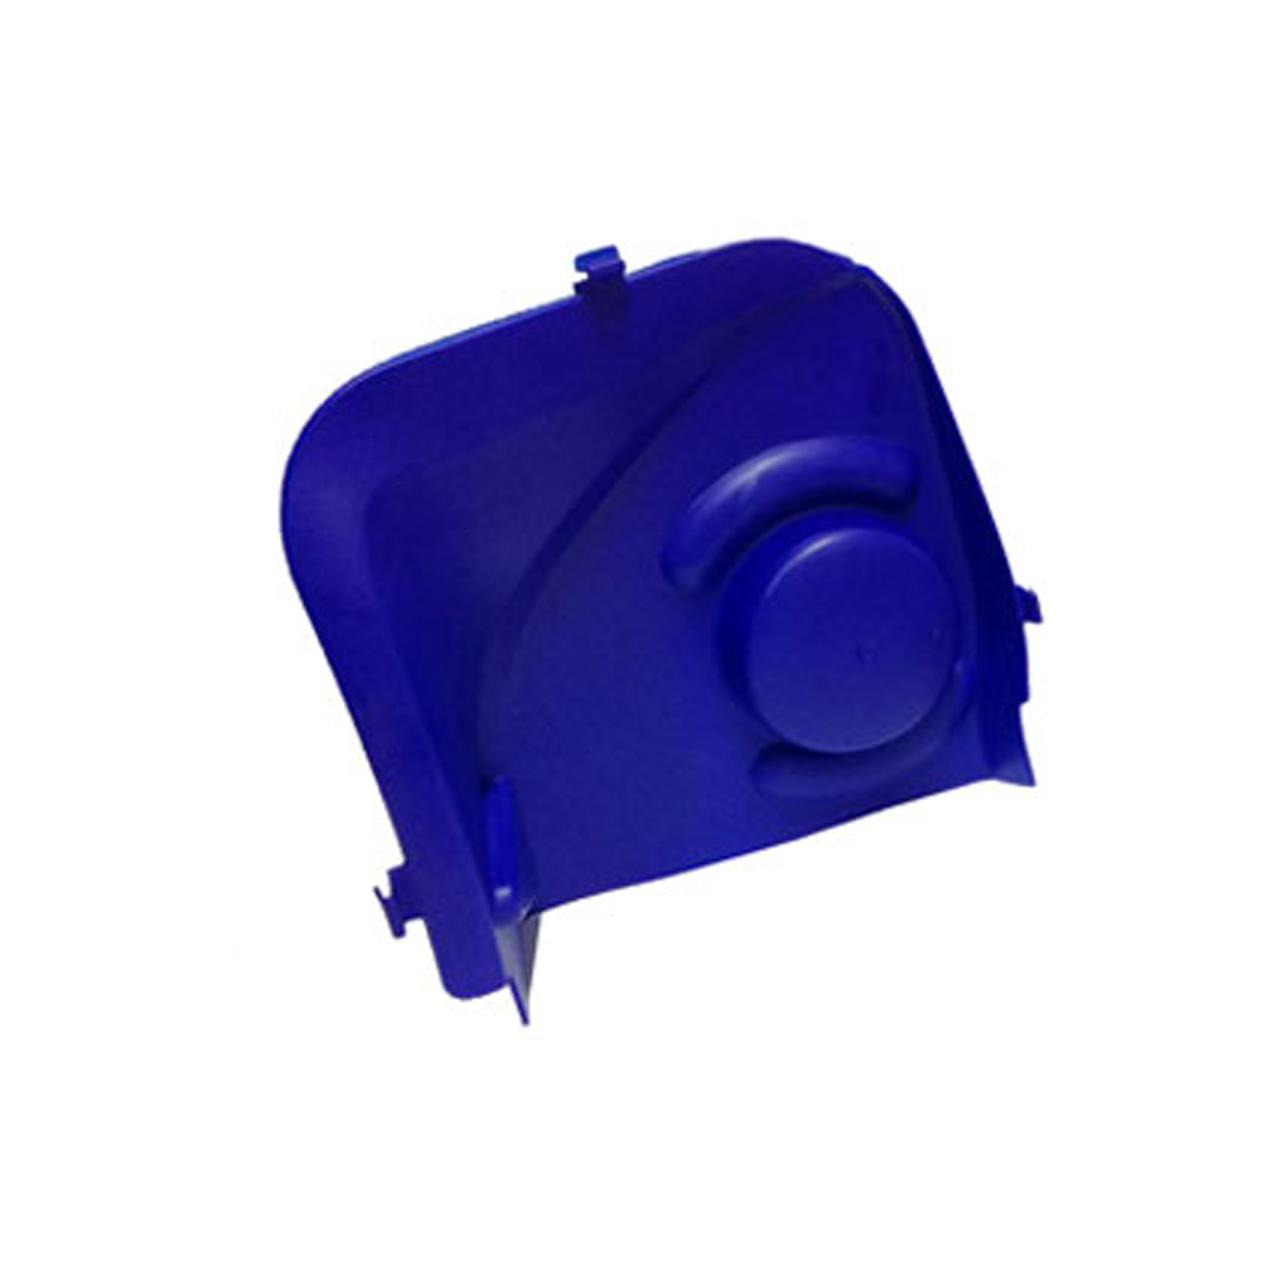 قاب روی کمک خودرو مدل PartPro30-bl مناسب برای پژو 206